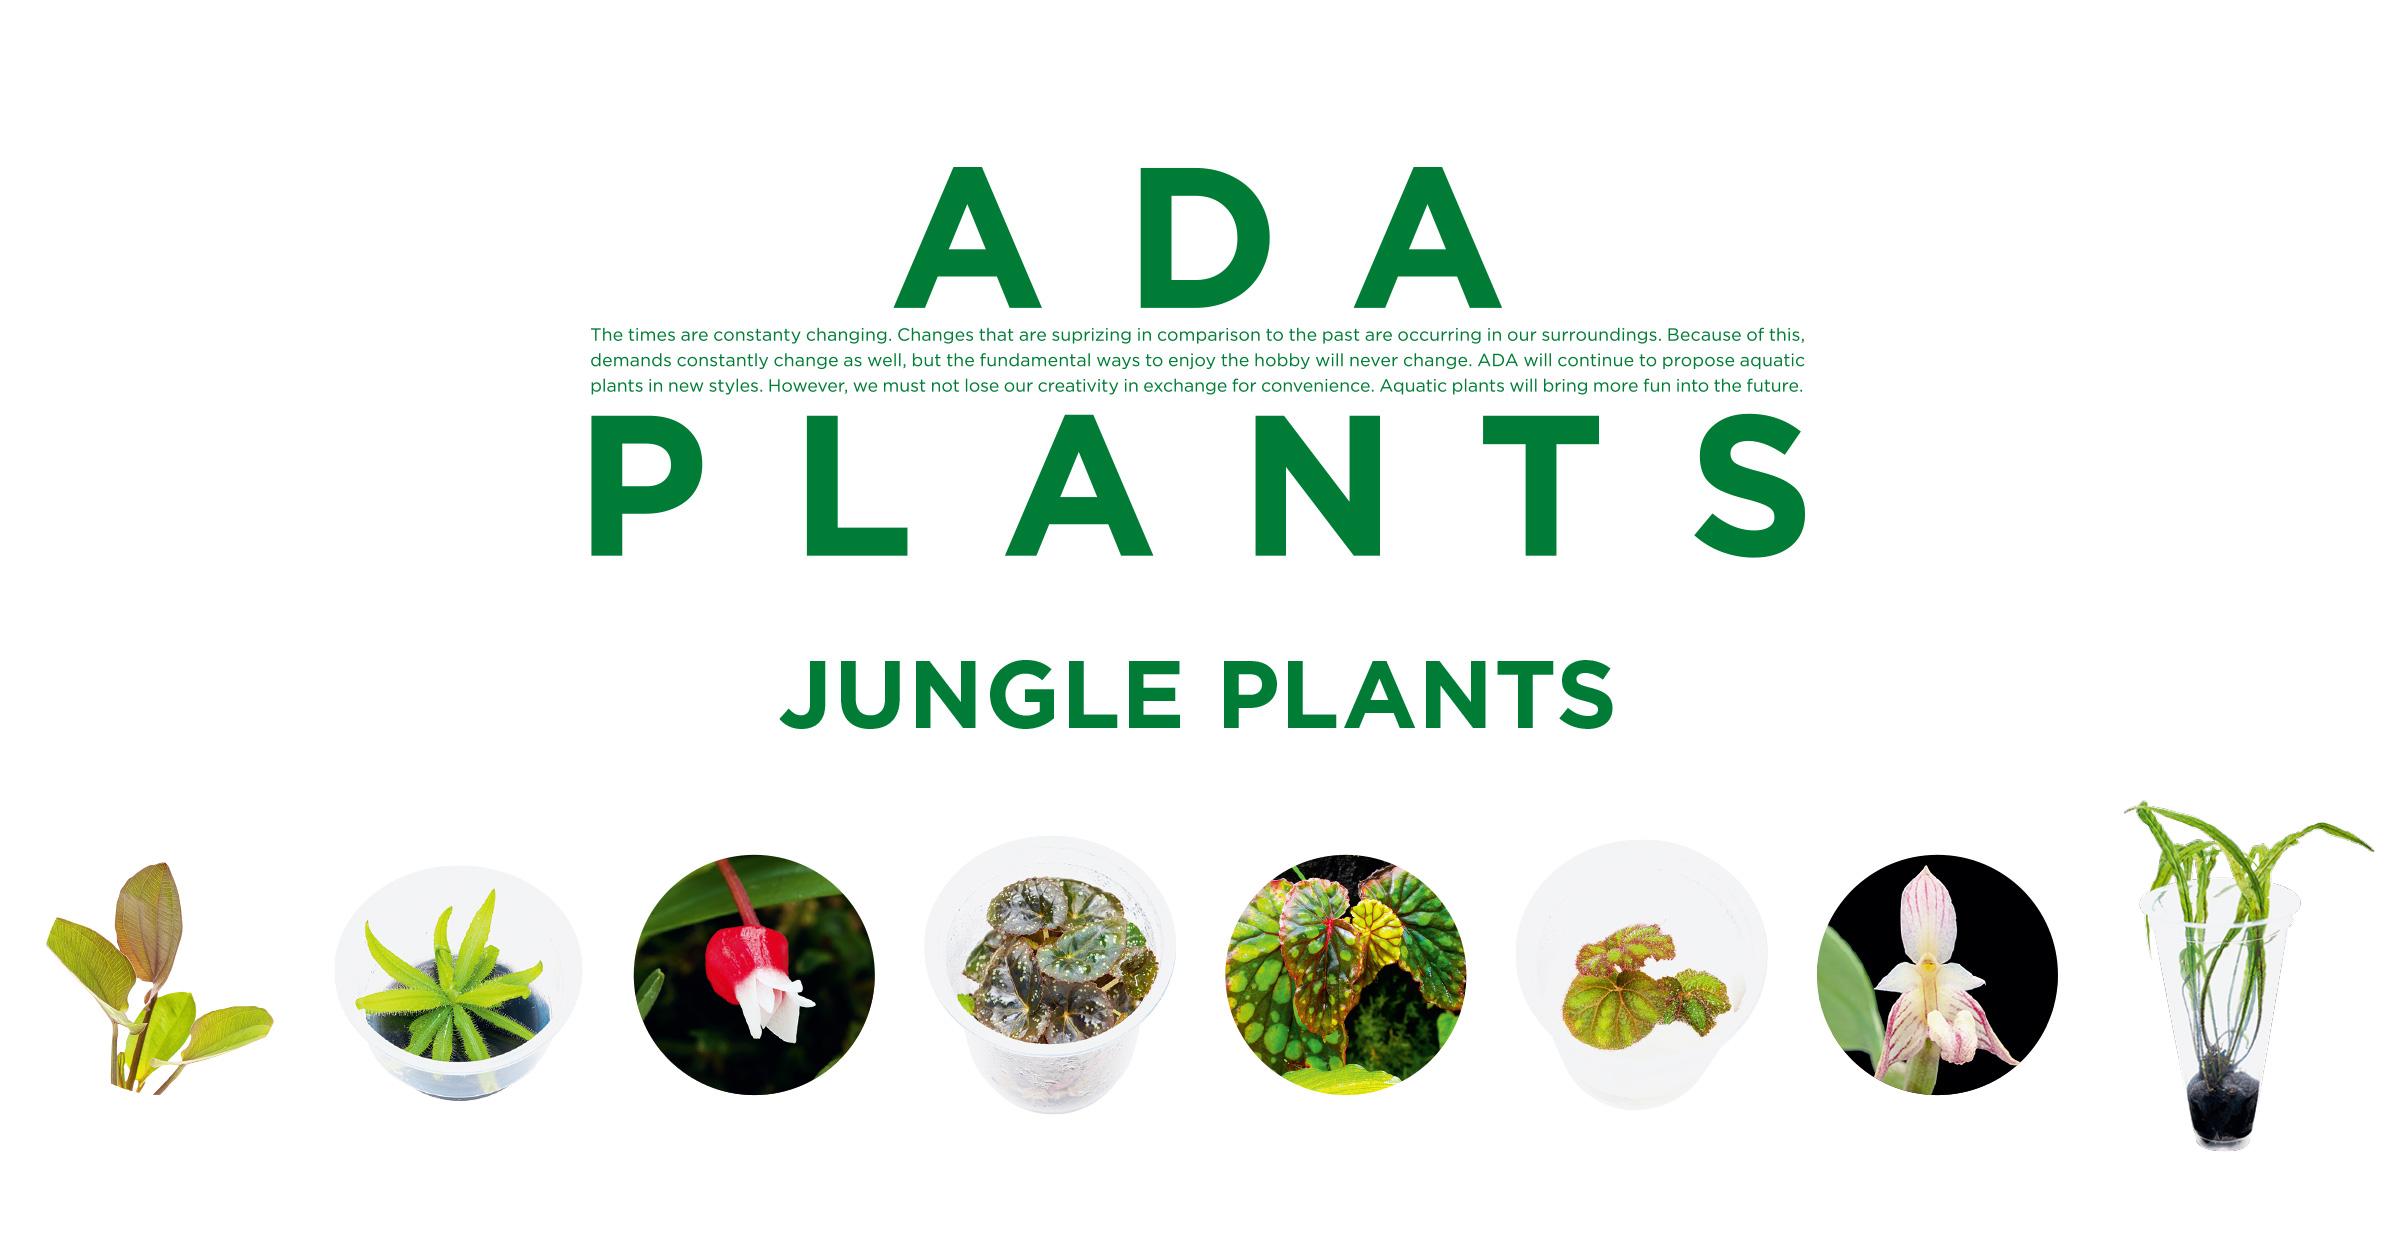 ADA PLANTS 'Jungle Plants'